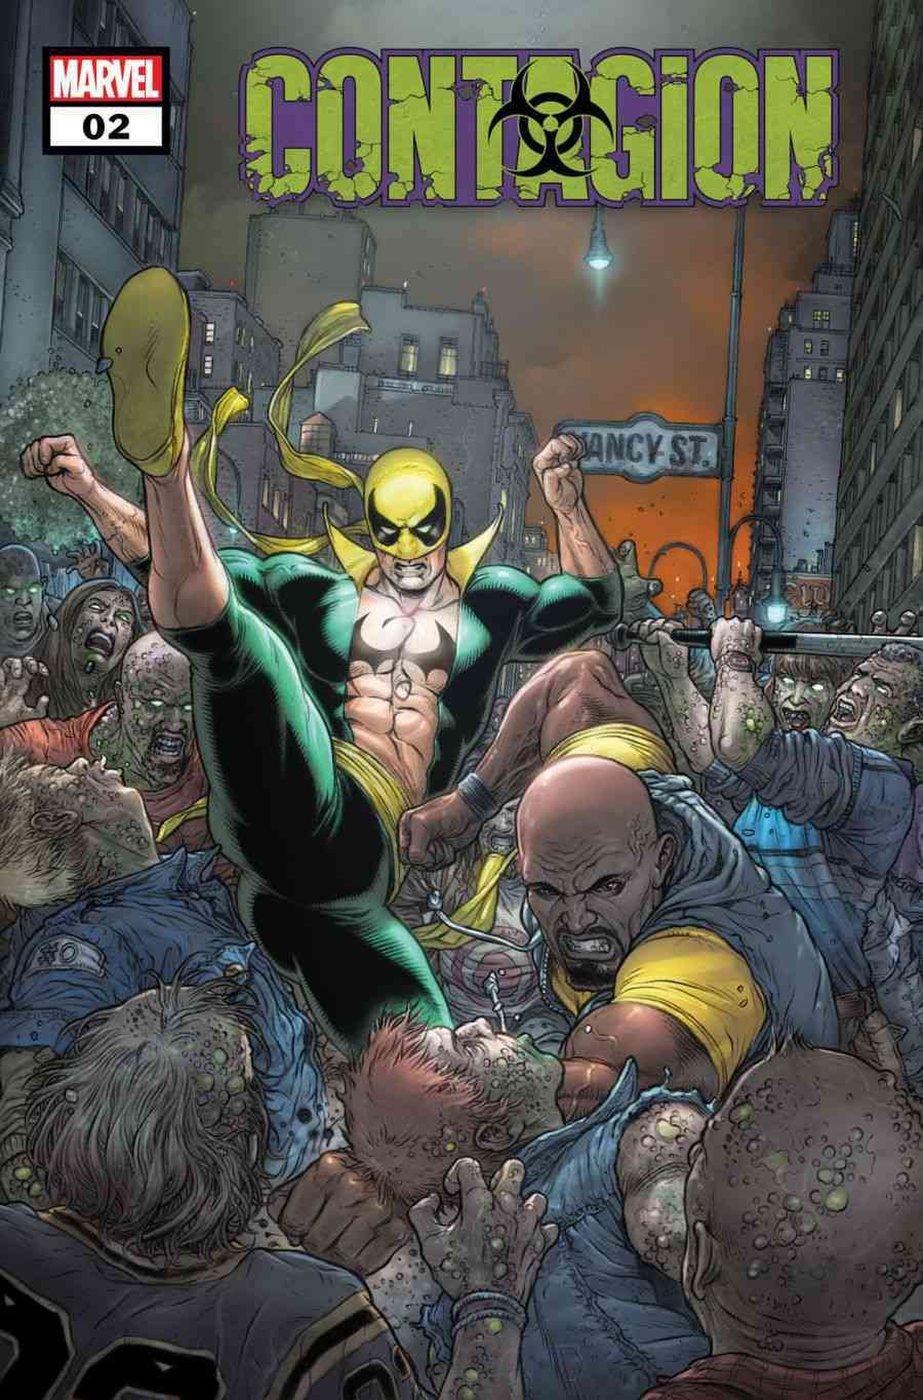 Воктябре супергерои Marvel столкнутся снеизвестным вирусом, напоминающим кордицепс изLast ofUs | Канобу - Изображение 0